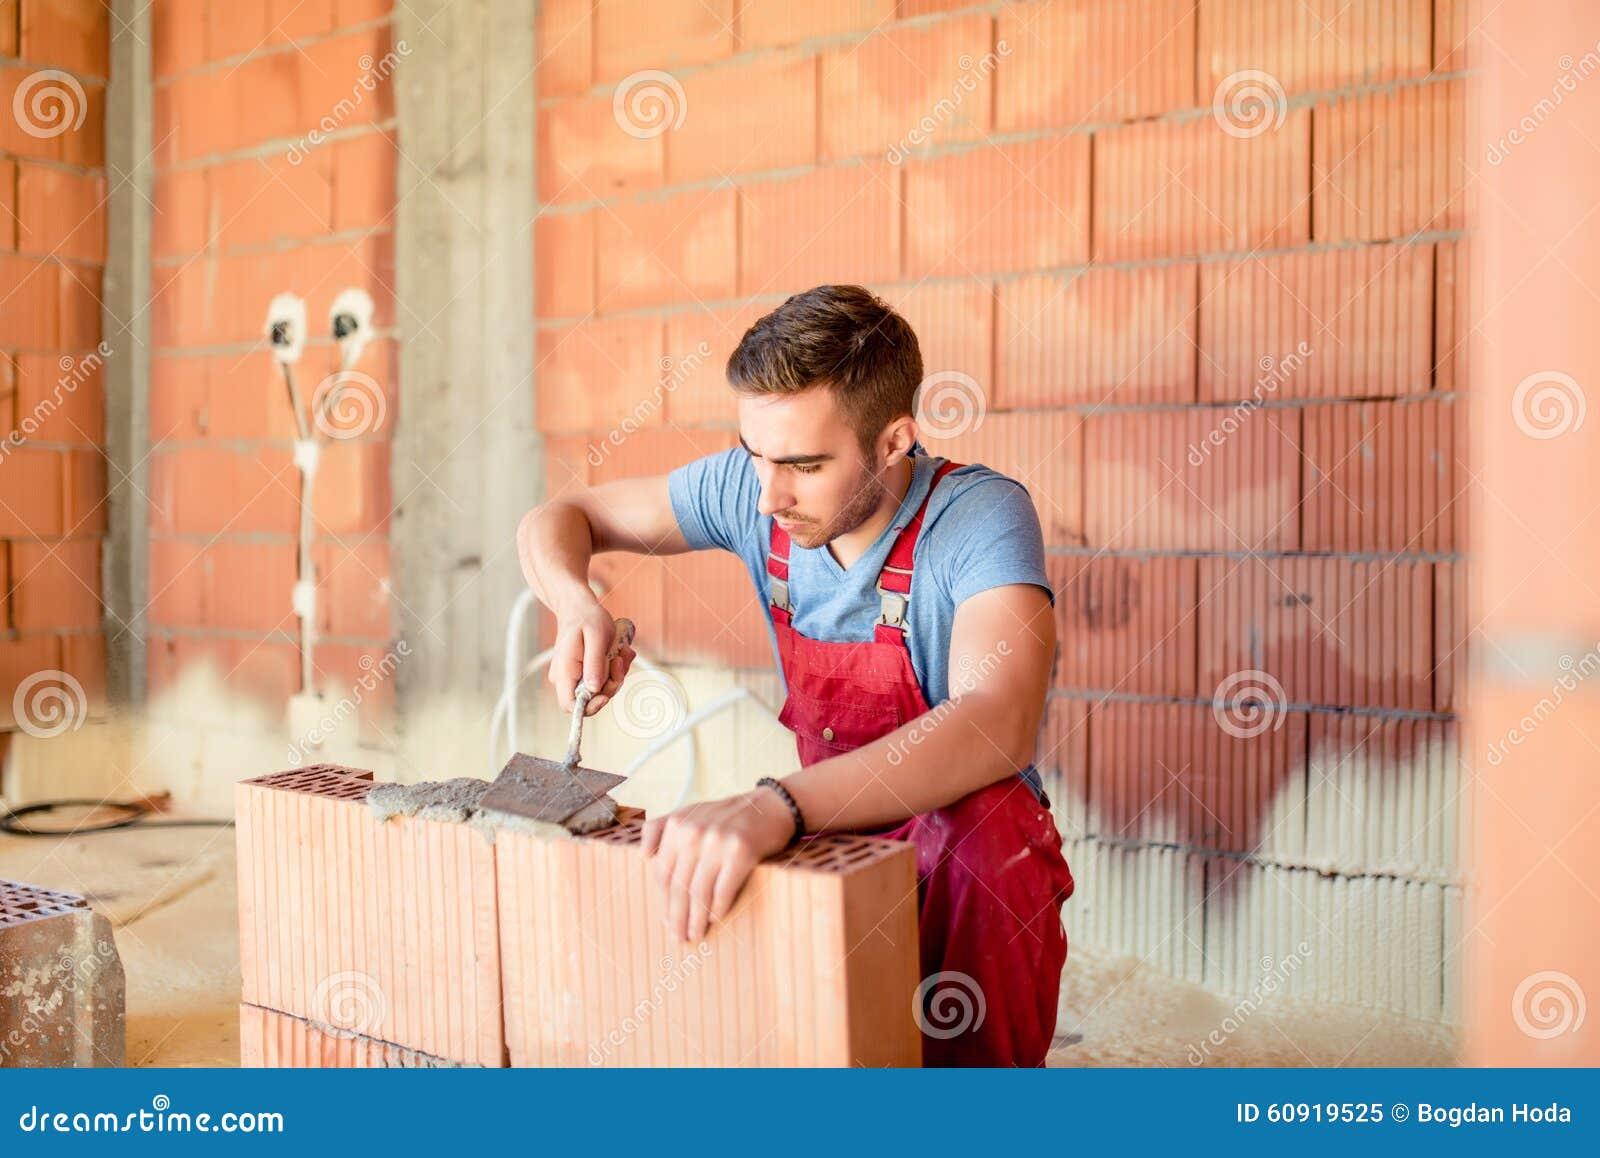 Paredes de ladrillo del edificio del trabajador de construcción del albañil, contratista que renueva la casa Detalles del sector